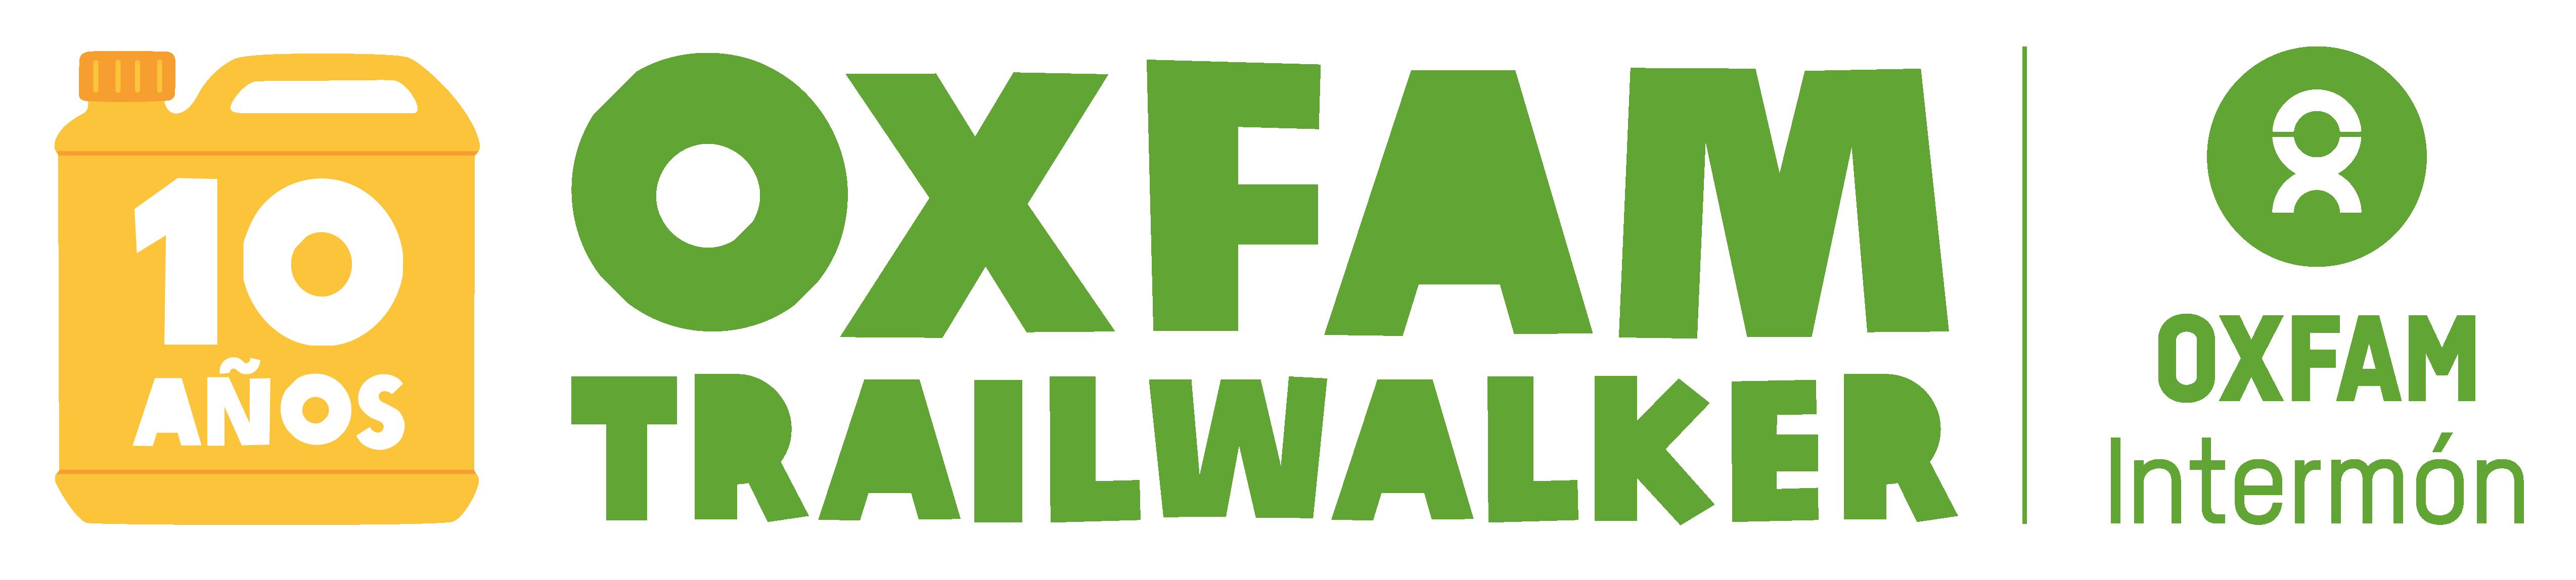 10 años Trailwalker